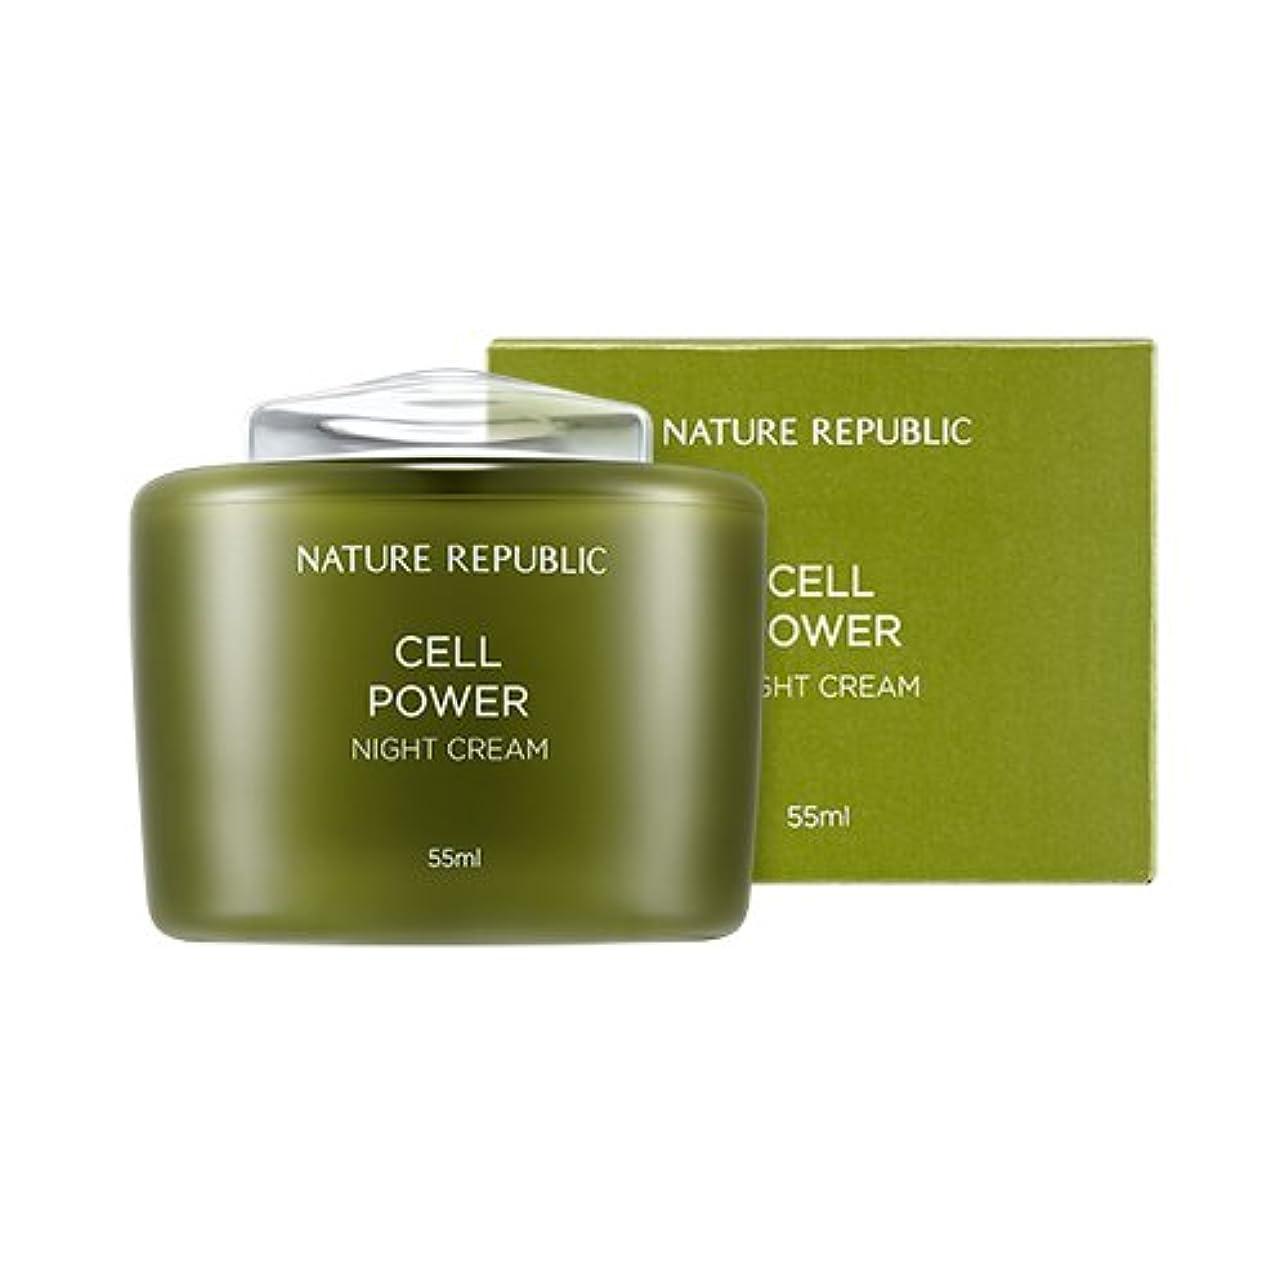 レジ根拠ペデスタルNature Republic Cell Power Night Cream ネイチャーリパブリックセルパワーナイトクリーム [並行輸入品]